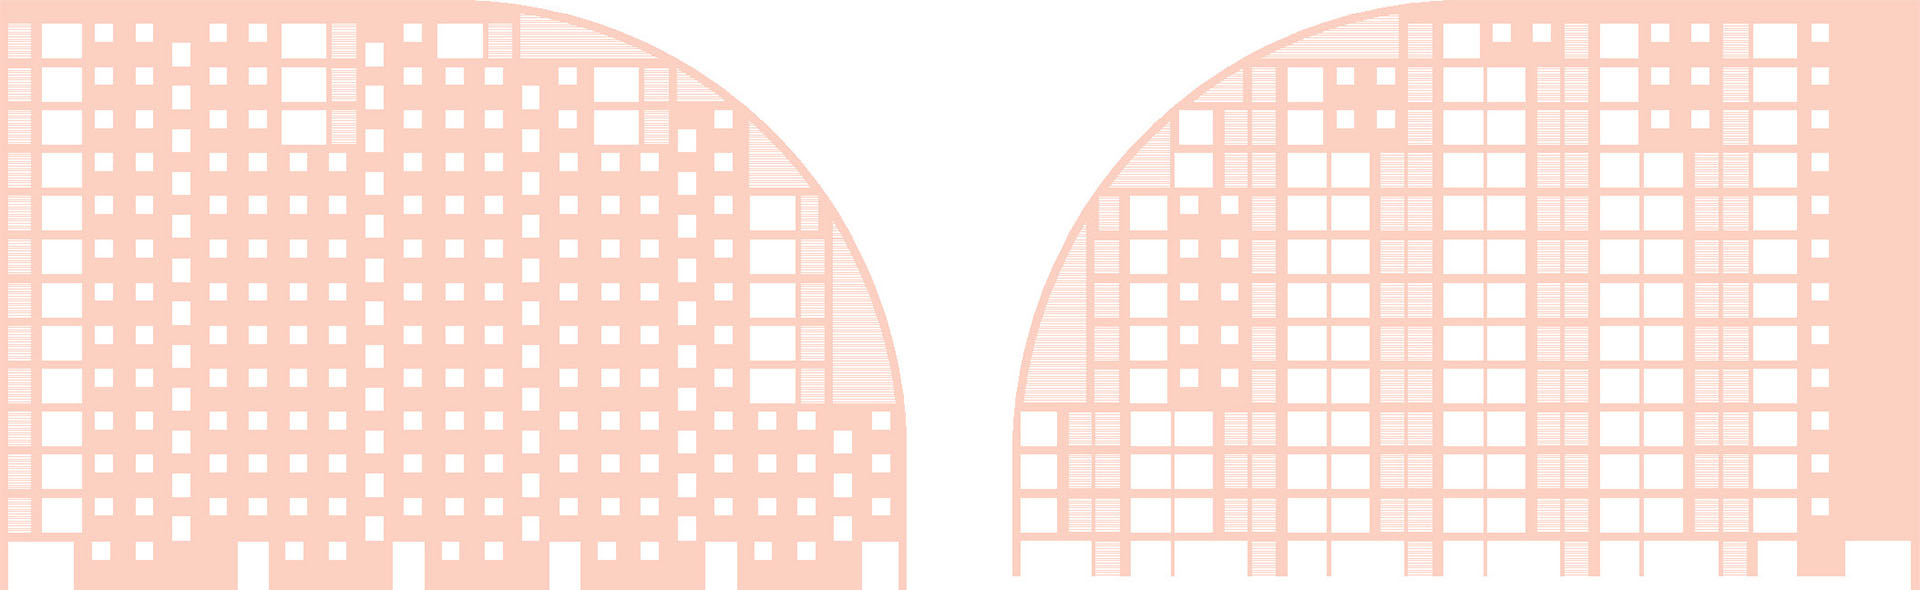 PLAYstudio_Loiola_Donosti_San Sebastian_120 viviendas 02 Diagramas fachadas